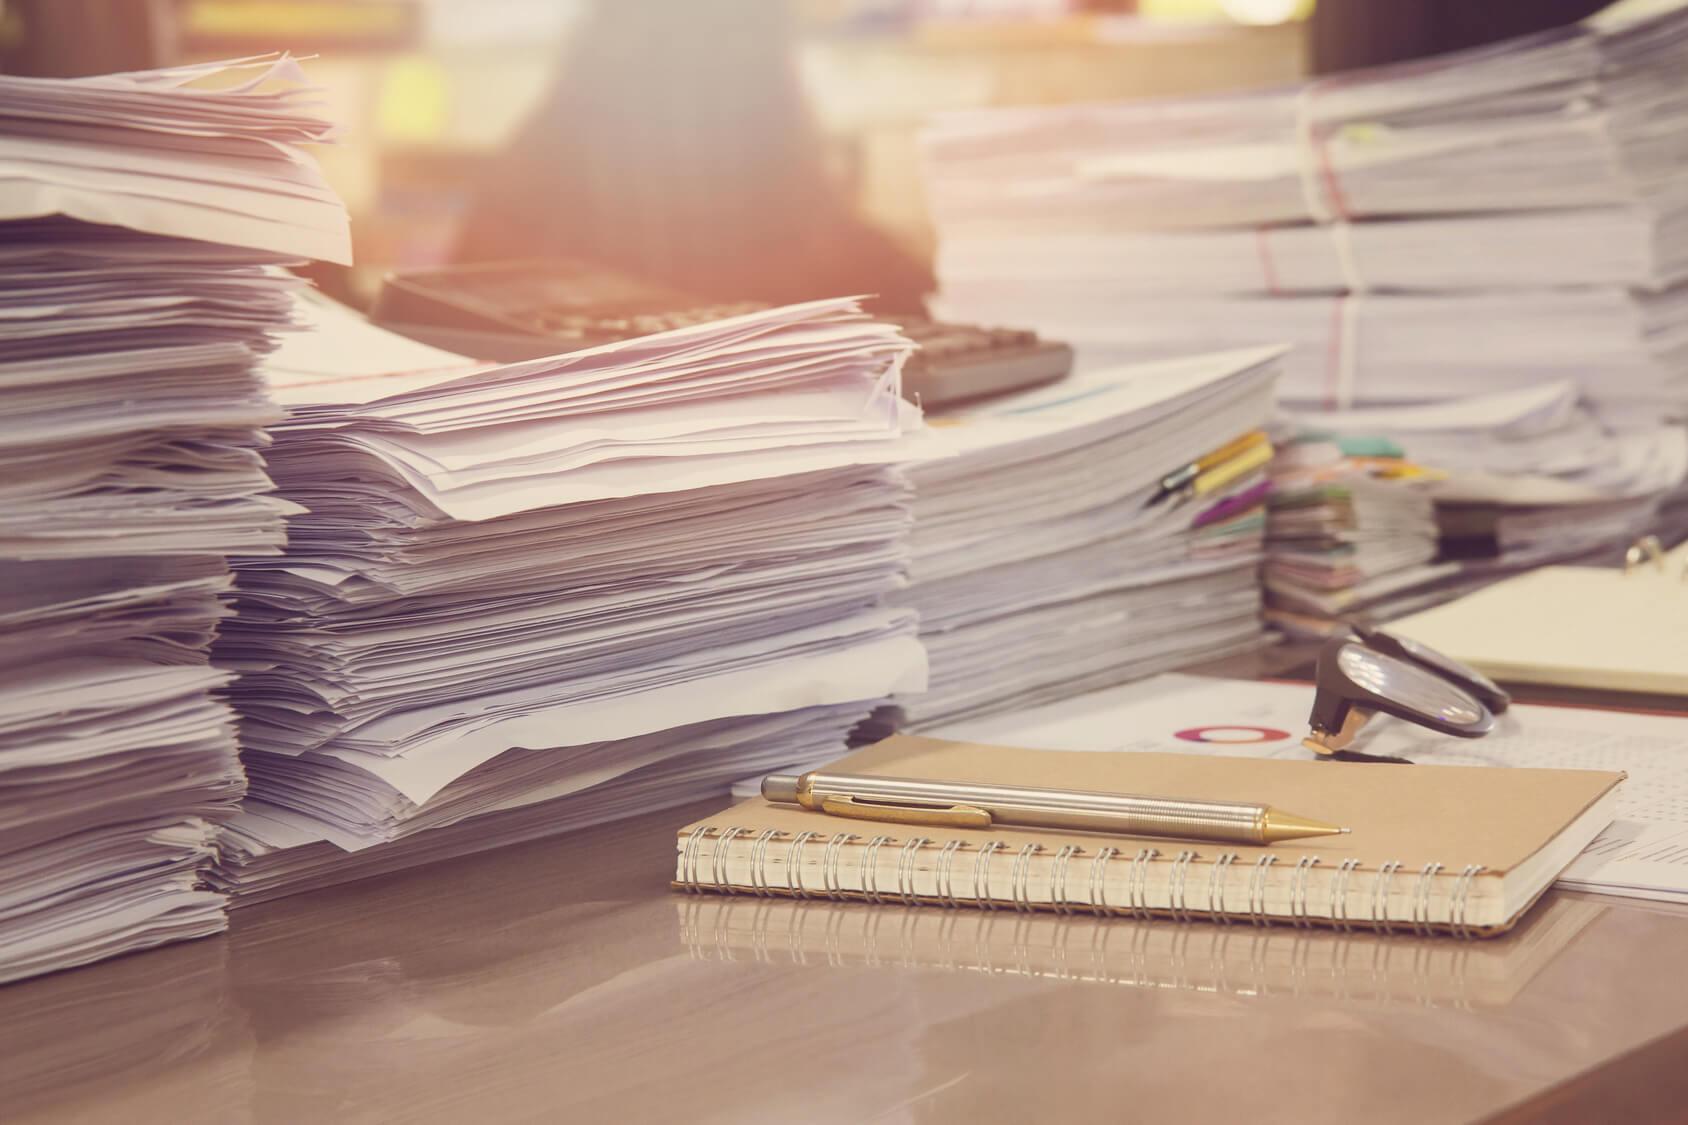 Становище на НАП относно промените в Наредба Н-13 за съдържанието, сроковете, начина и реда за подаване и съхранение на данни от работодателите, осигурителите за осигурените при тях лица, както и от С